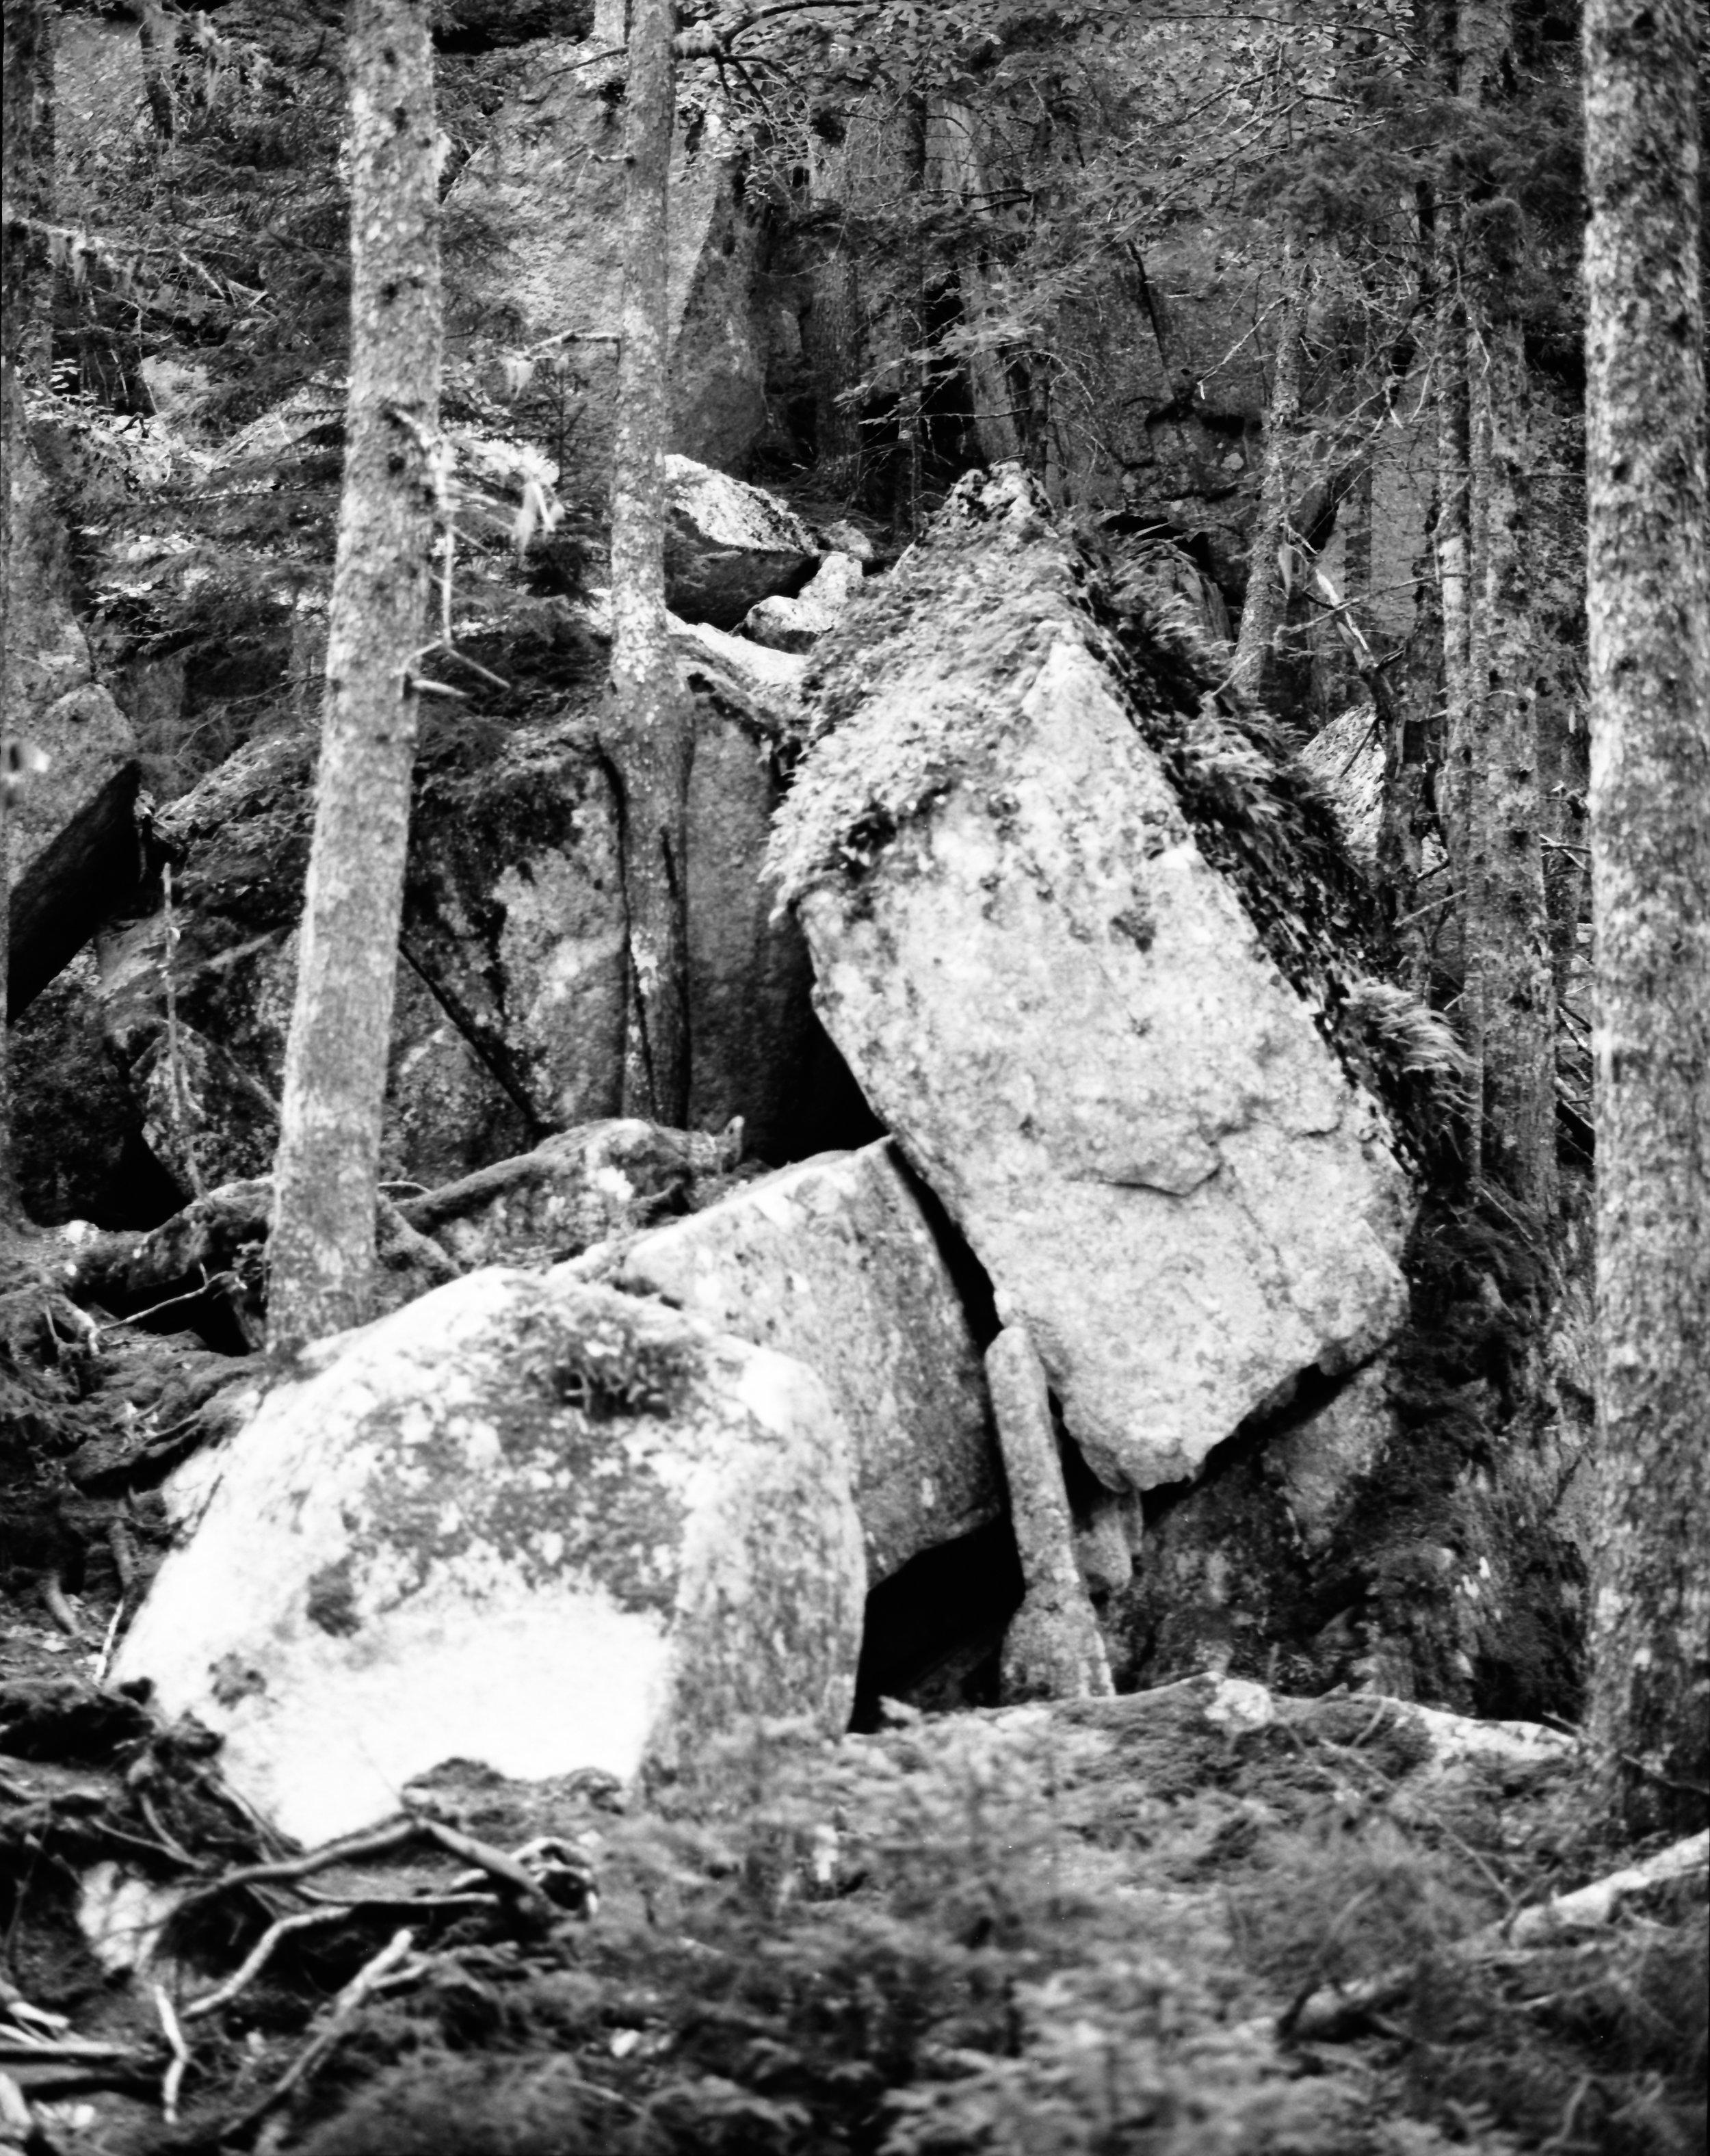 Acadia_Trip-6.jpg